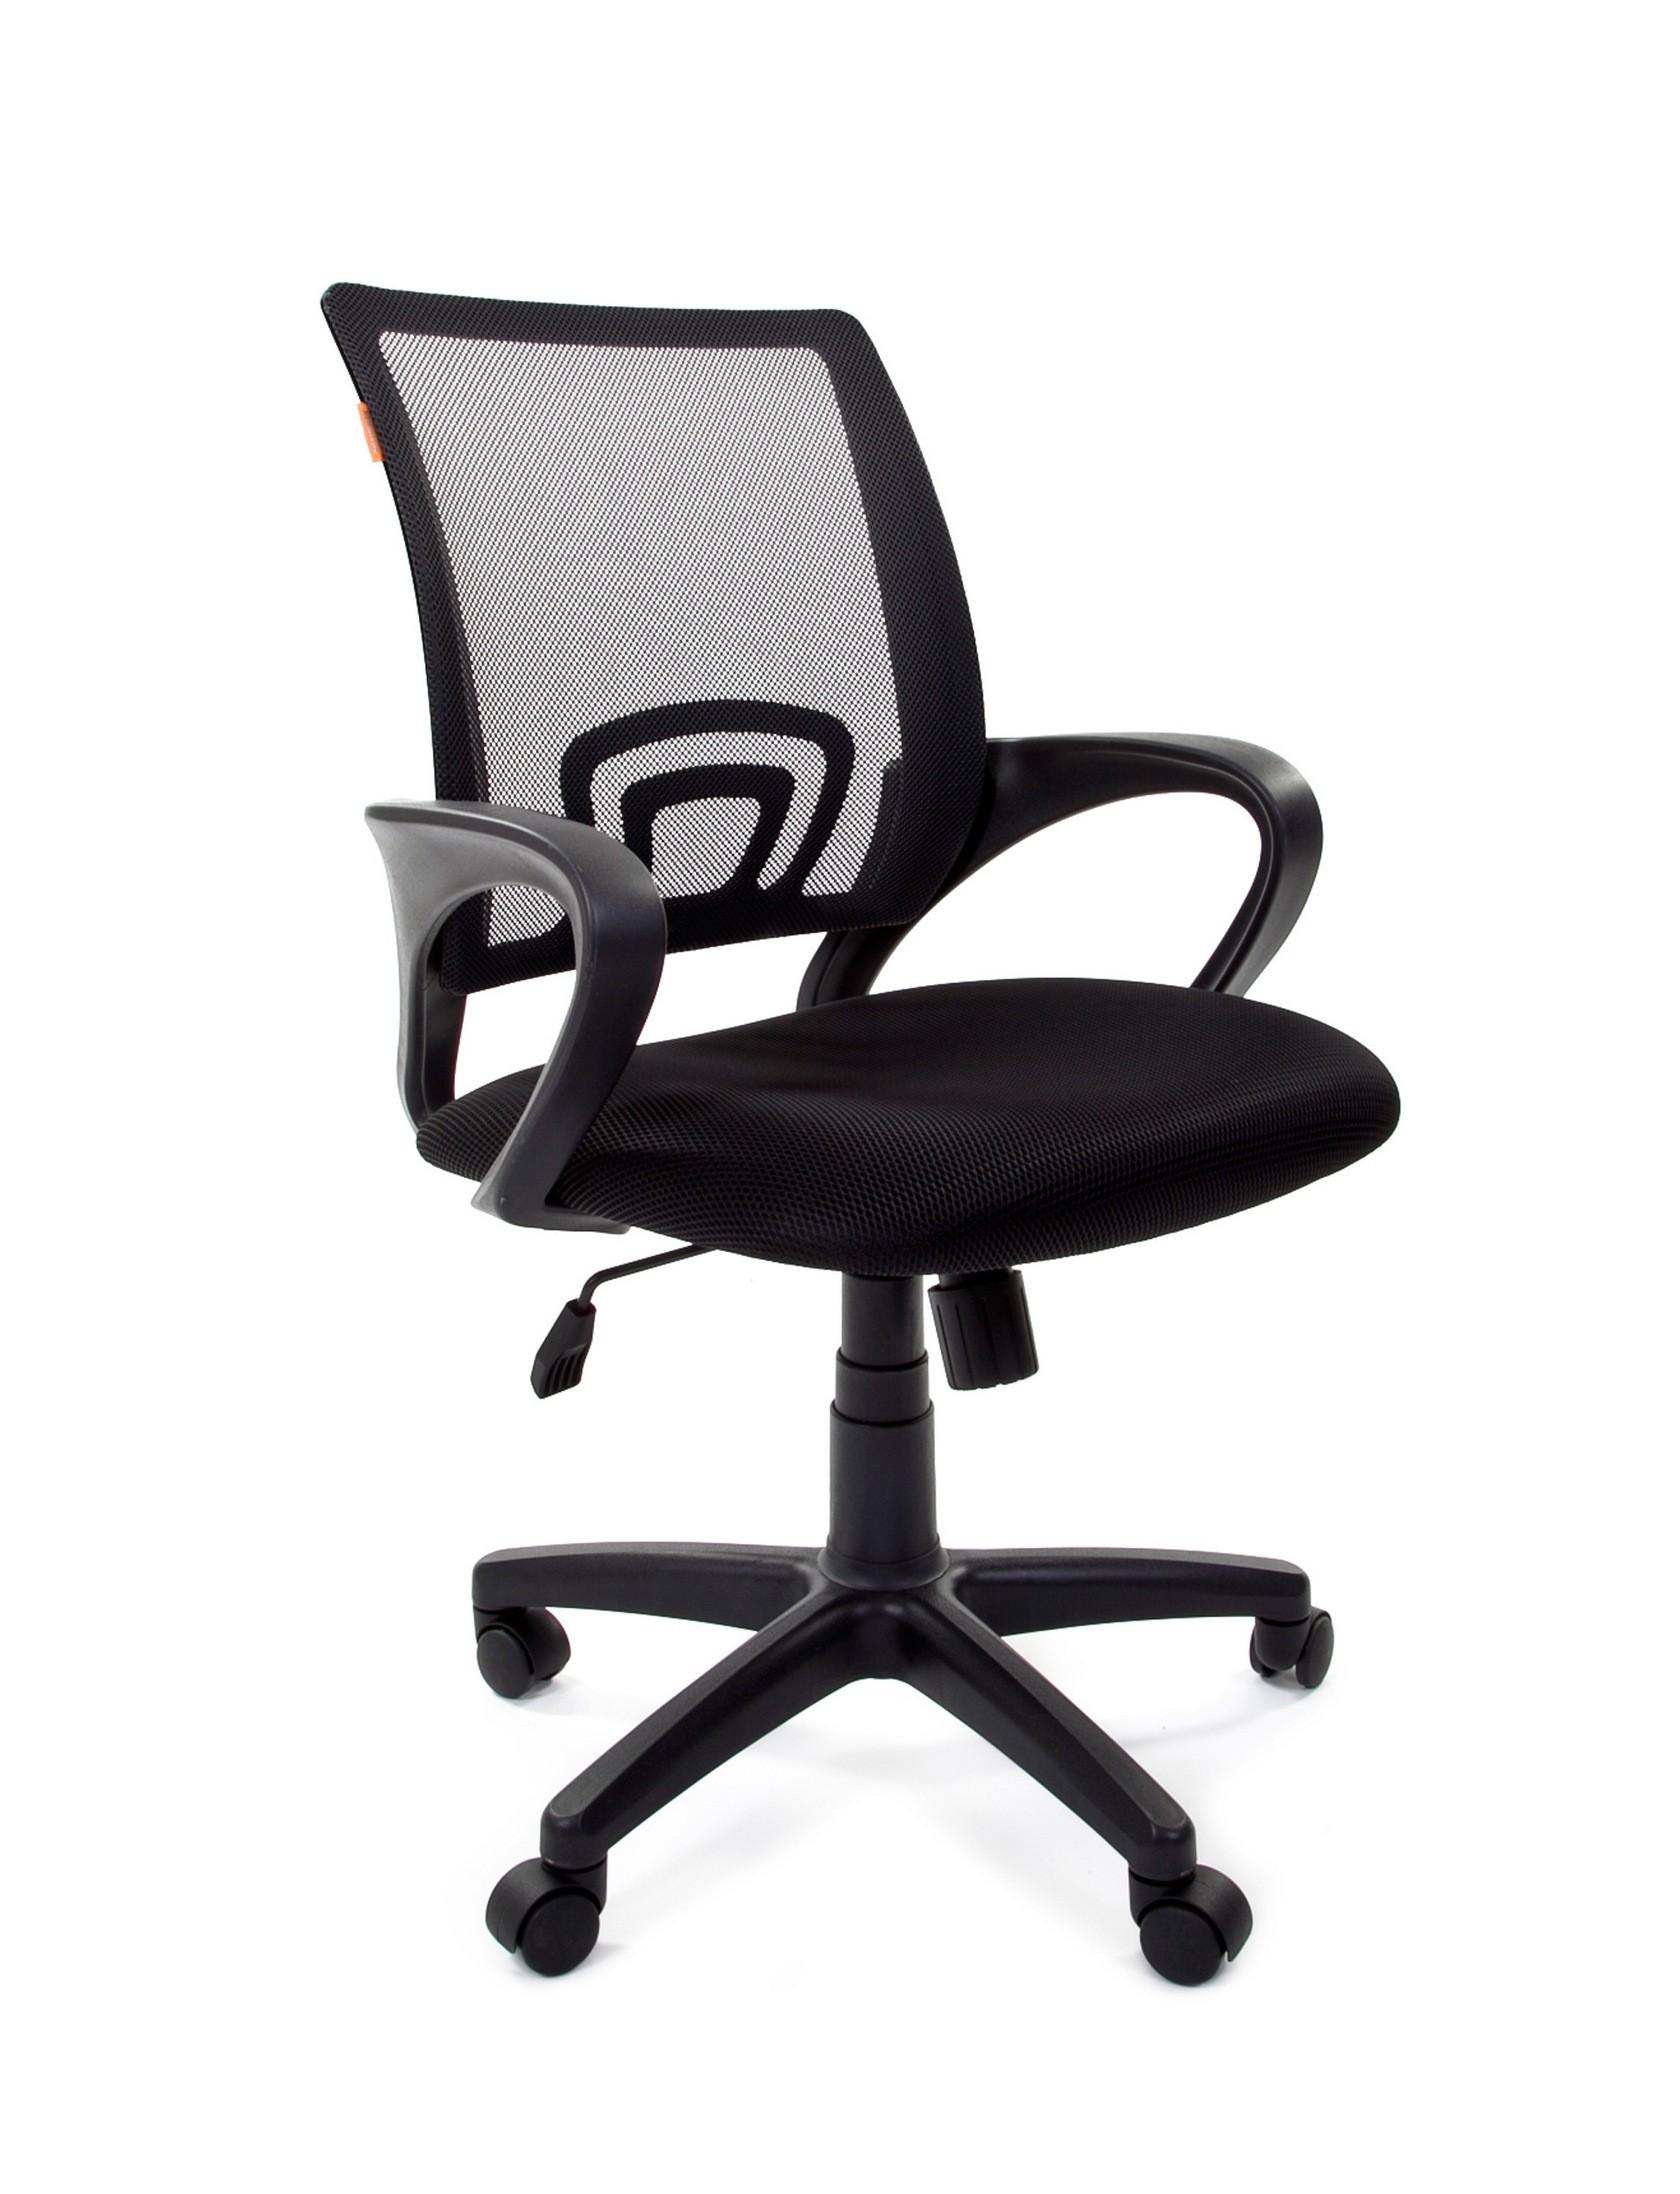 Офисное кресло Chairman CH 696 TW-01 / TW 11 черный